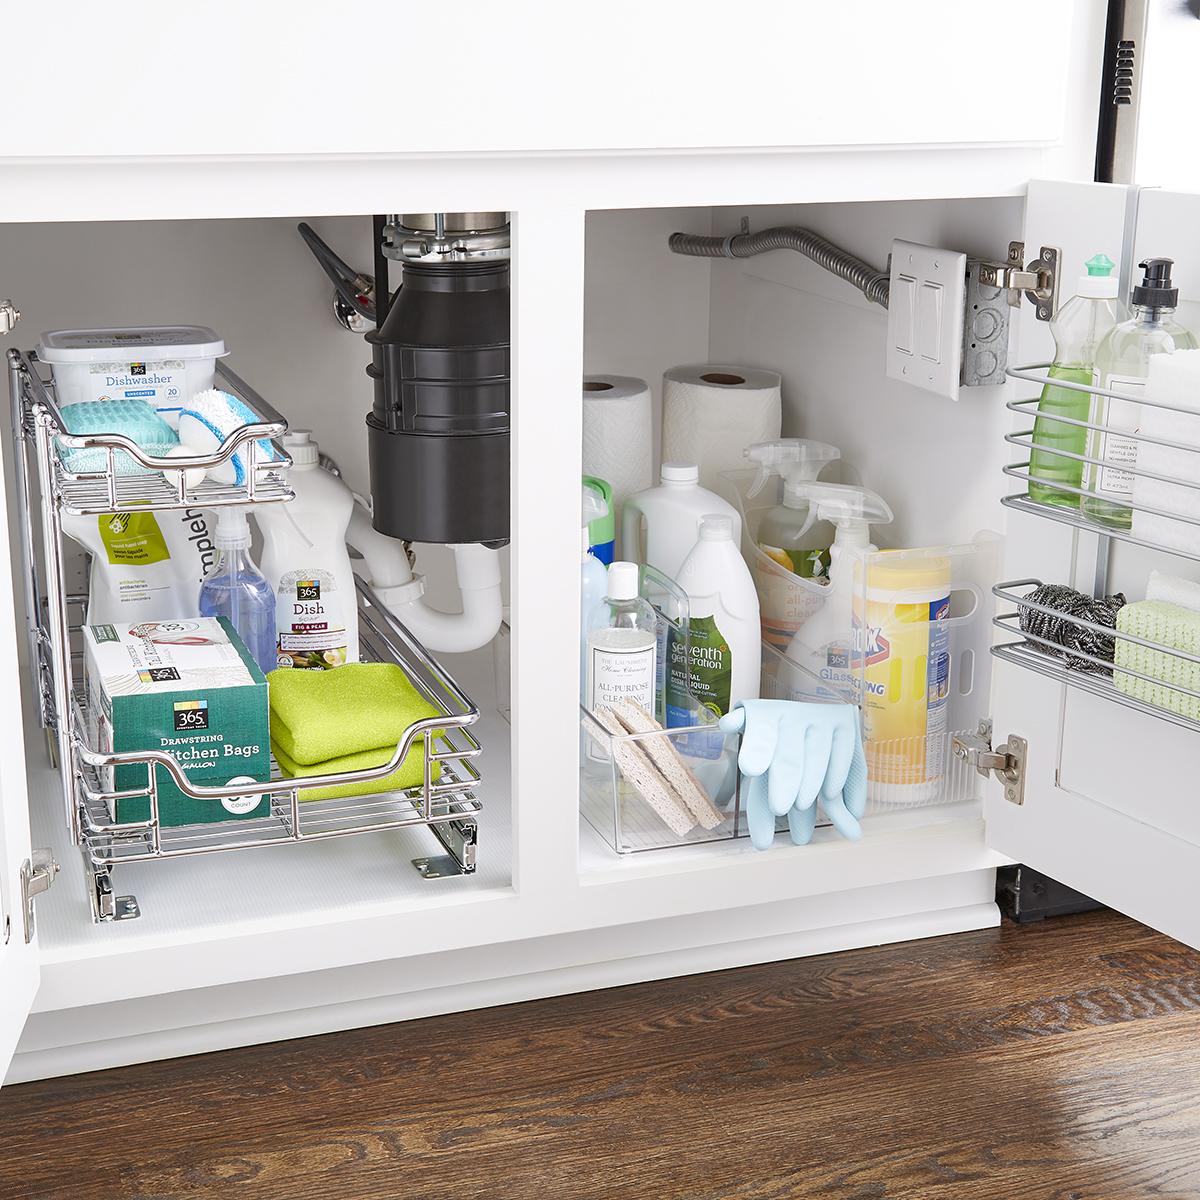 Under Sink Organization Starter Kit